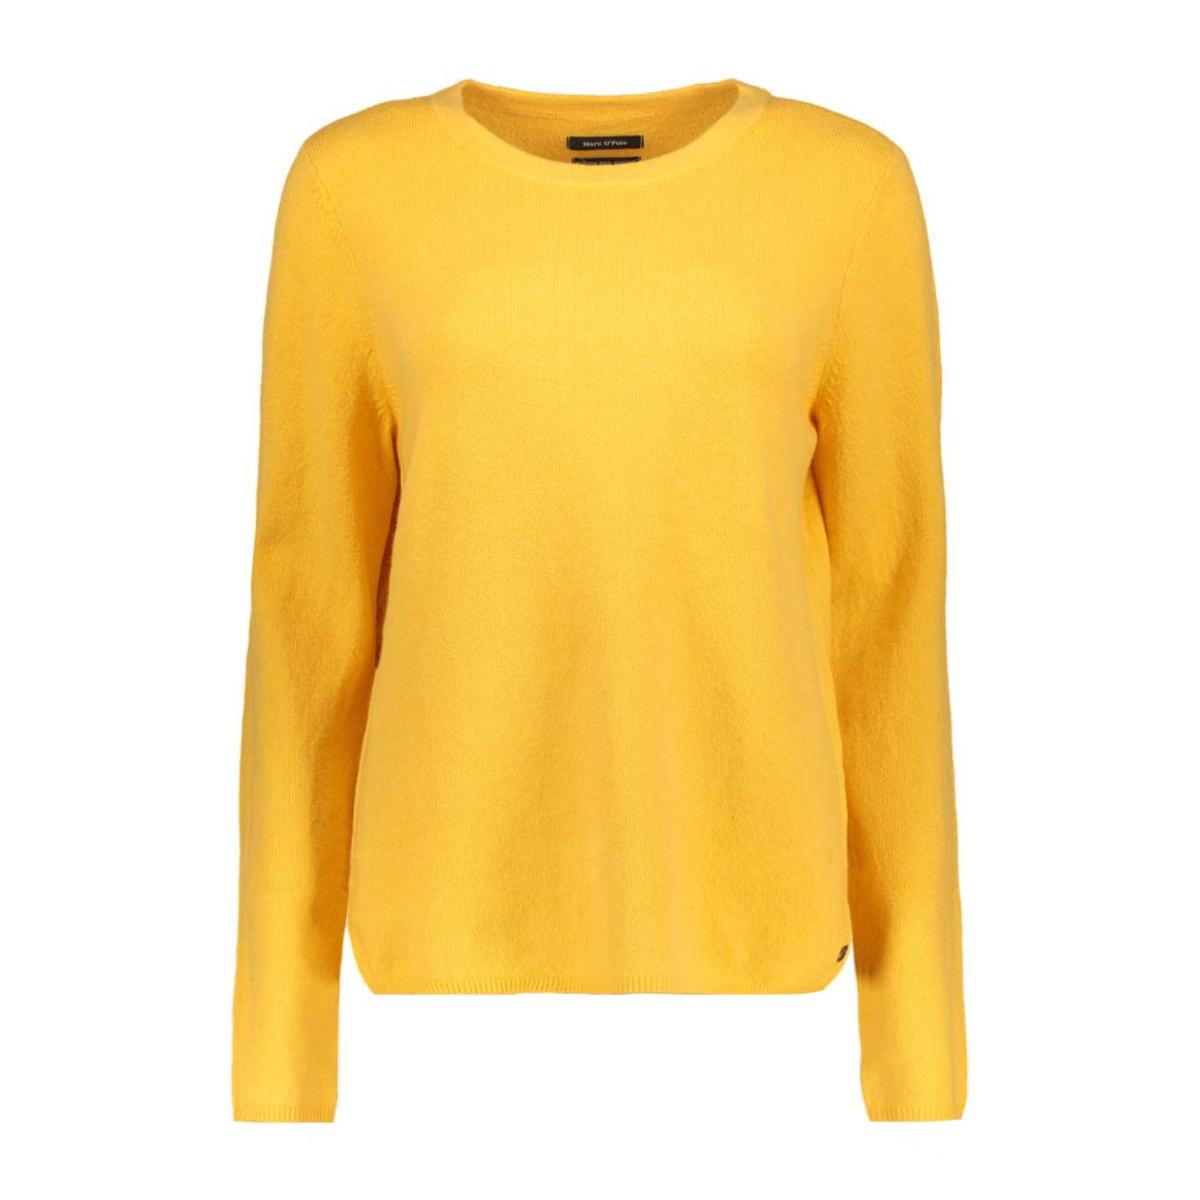 609 6266 60731 marc o`polo trui 211 bright mustard